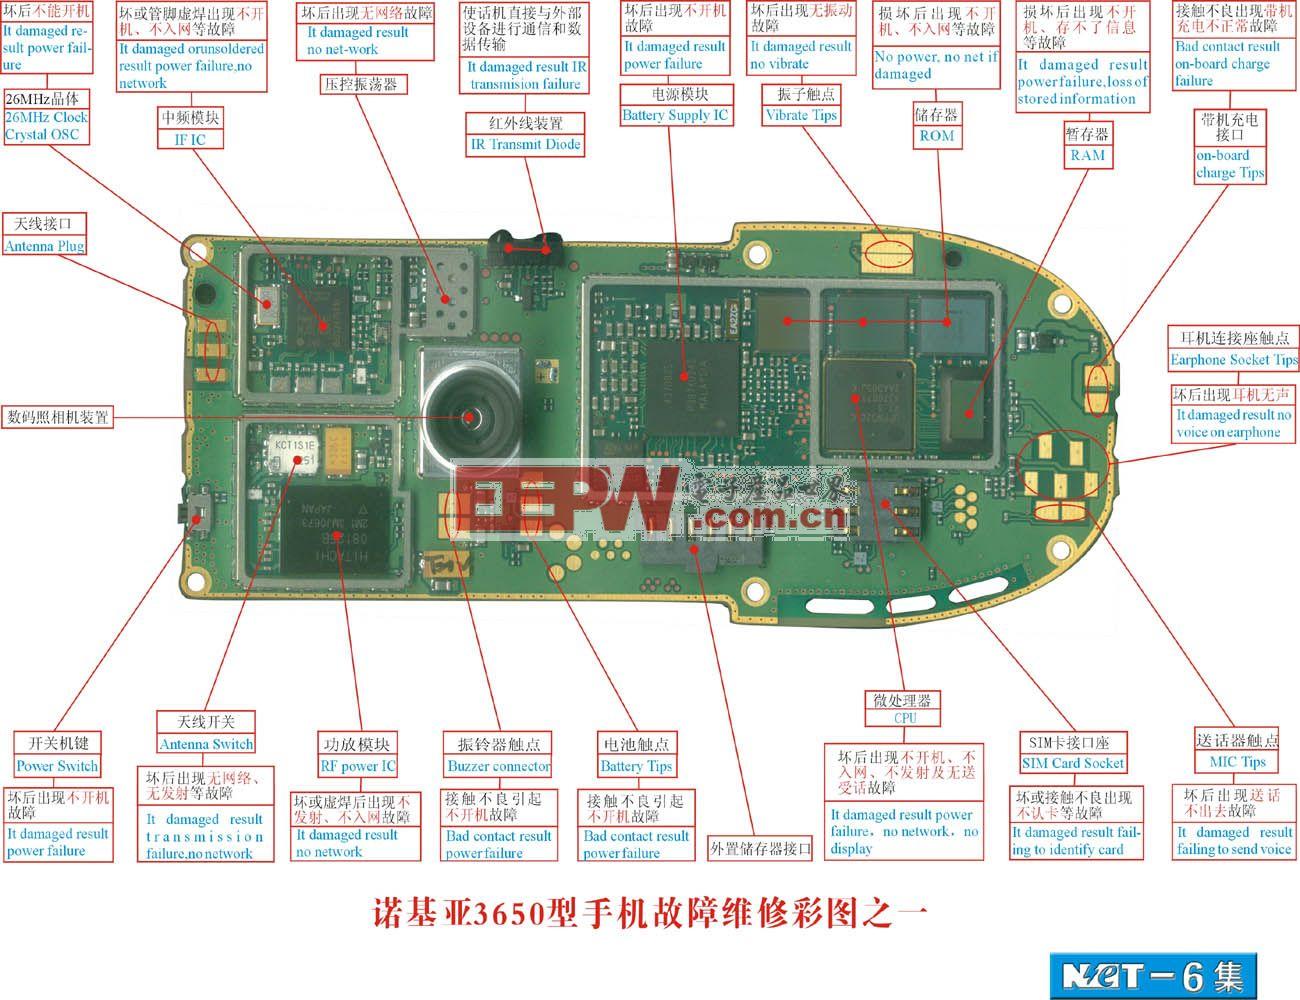 诺基亚3650手机故障维修实物彩图(1)